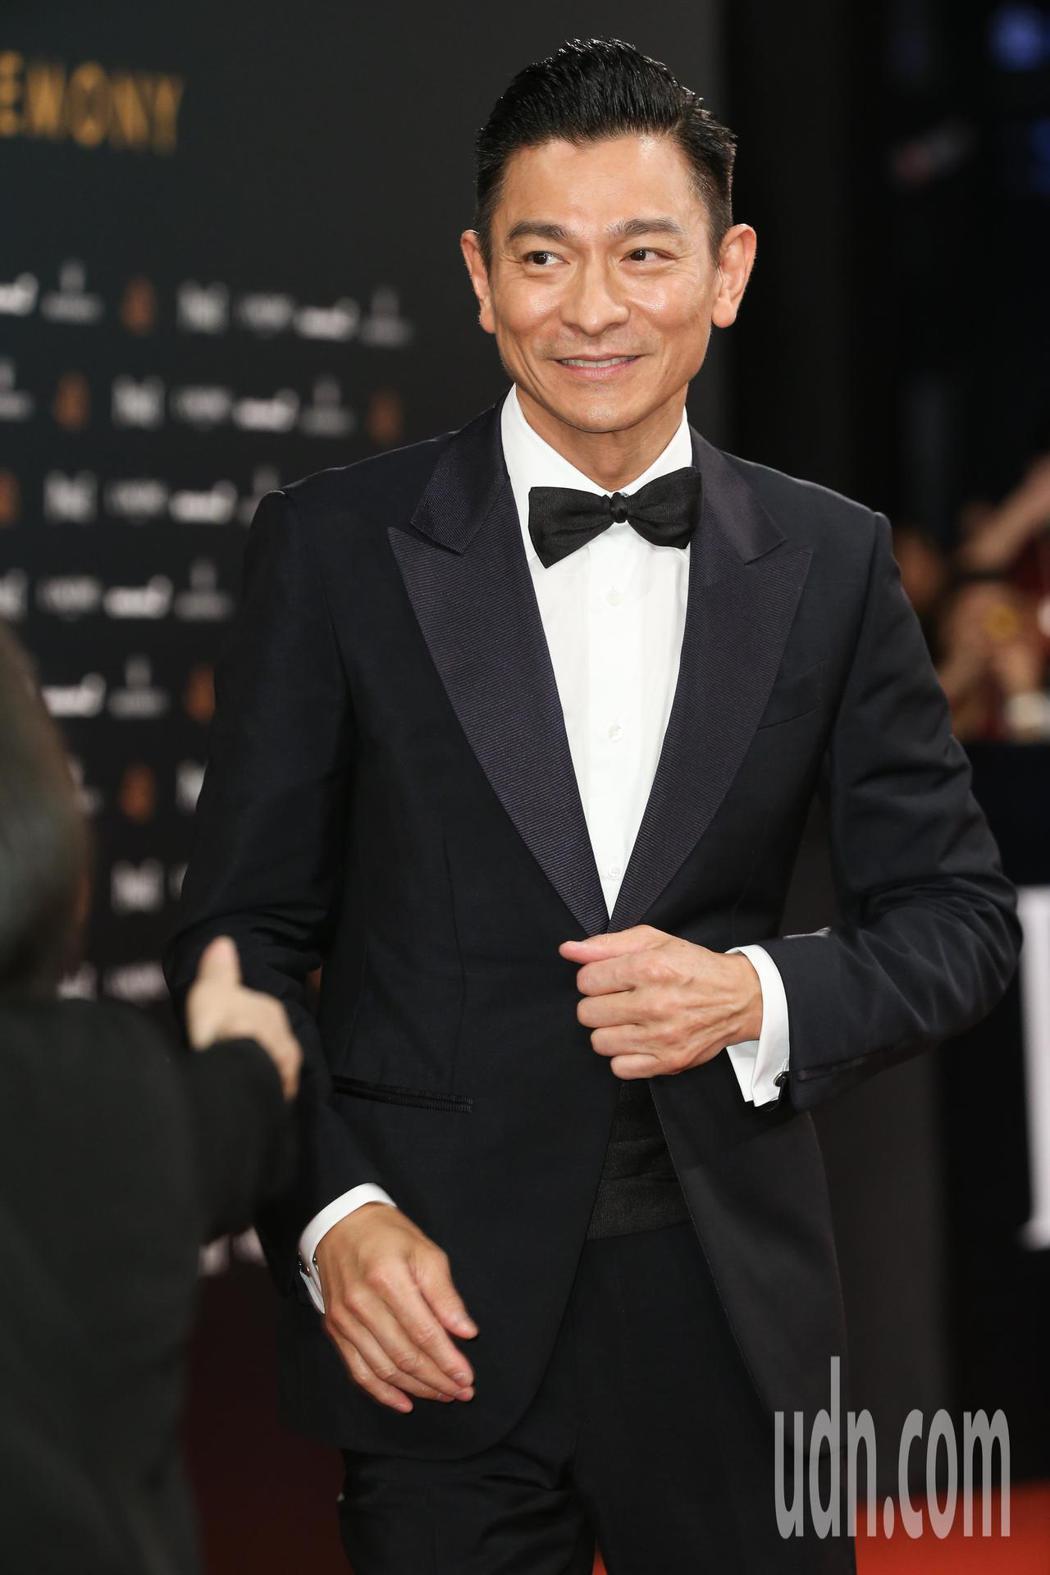 第55屆金馬獎頒獎典禮在國父紀念館舉行,劉德華走星光大道。記者陳立凱/攝影